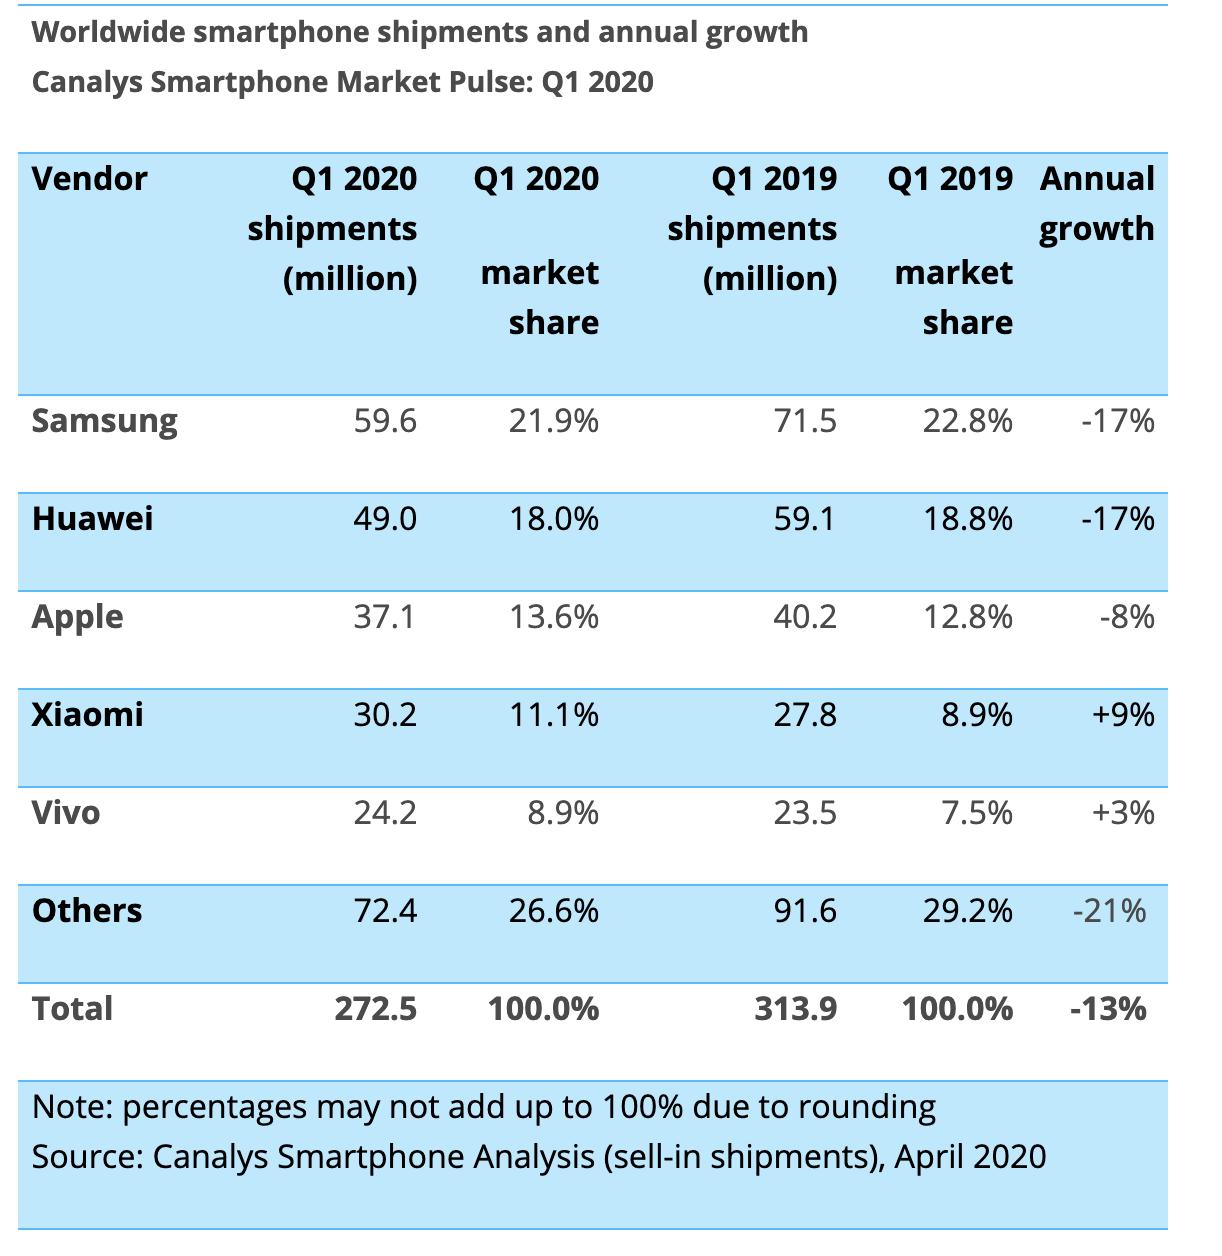 Lada moment Xiaomi pozbawi Samsunga tytułu smartfonowego króla Polski